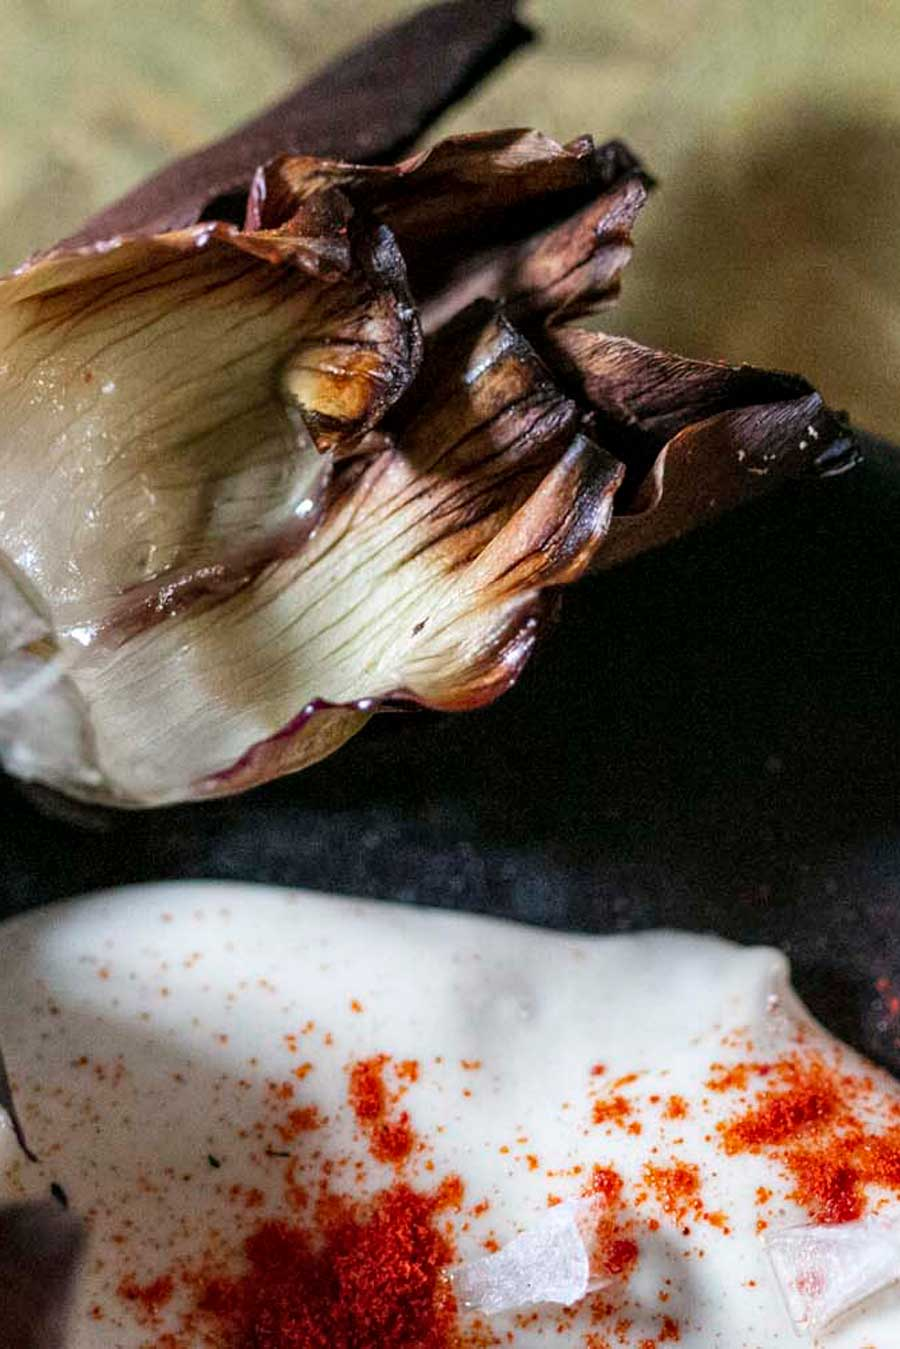 Artichauts braisés avec un petite crème saupoudrée de paprika